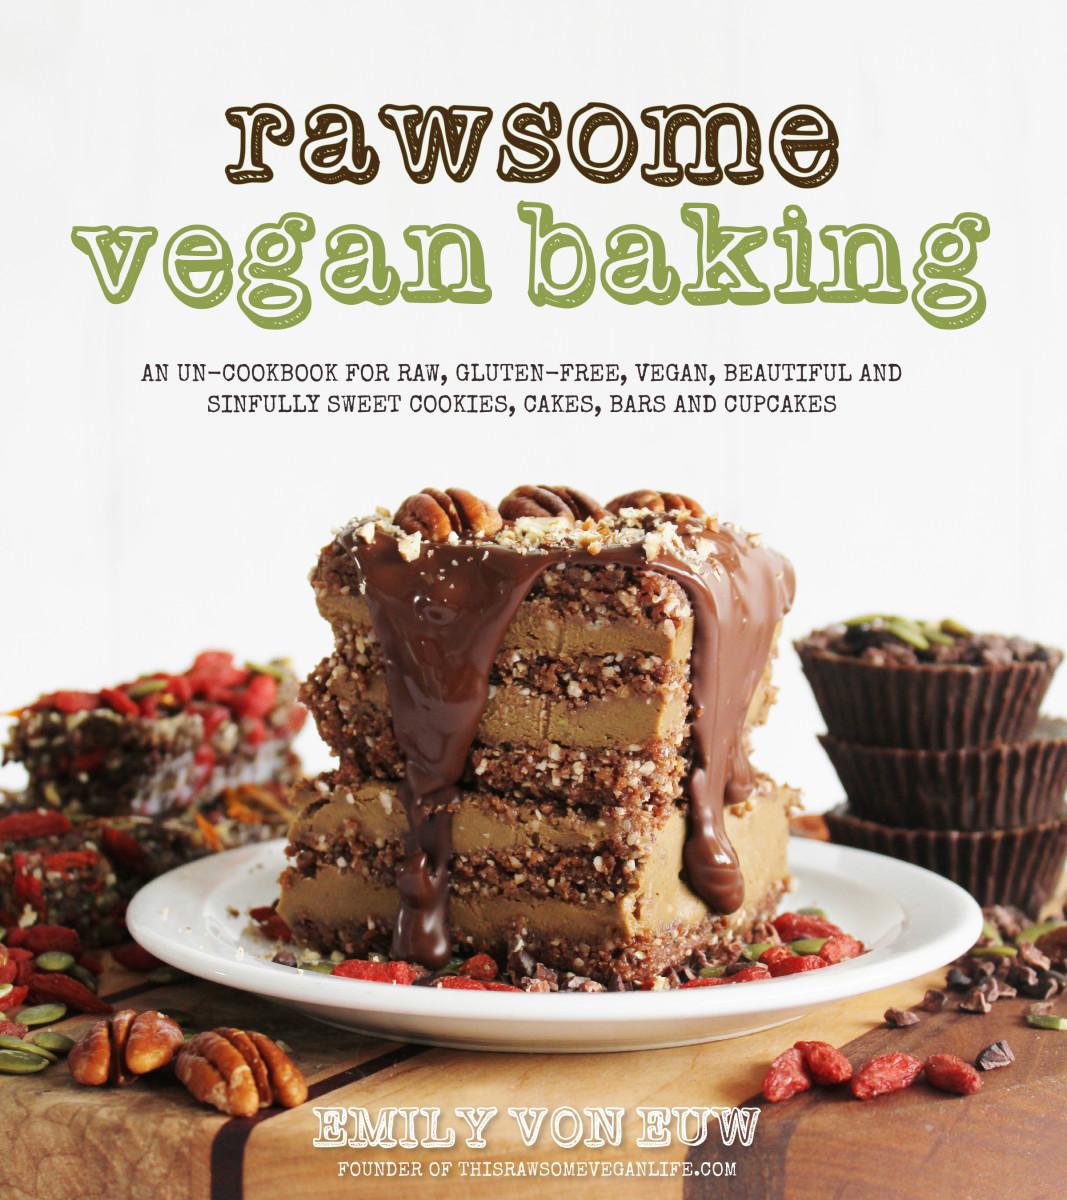 Rawsome book cover